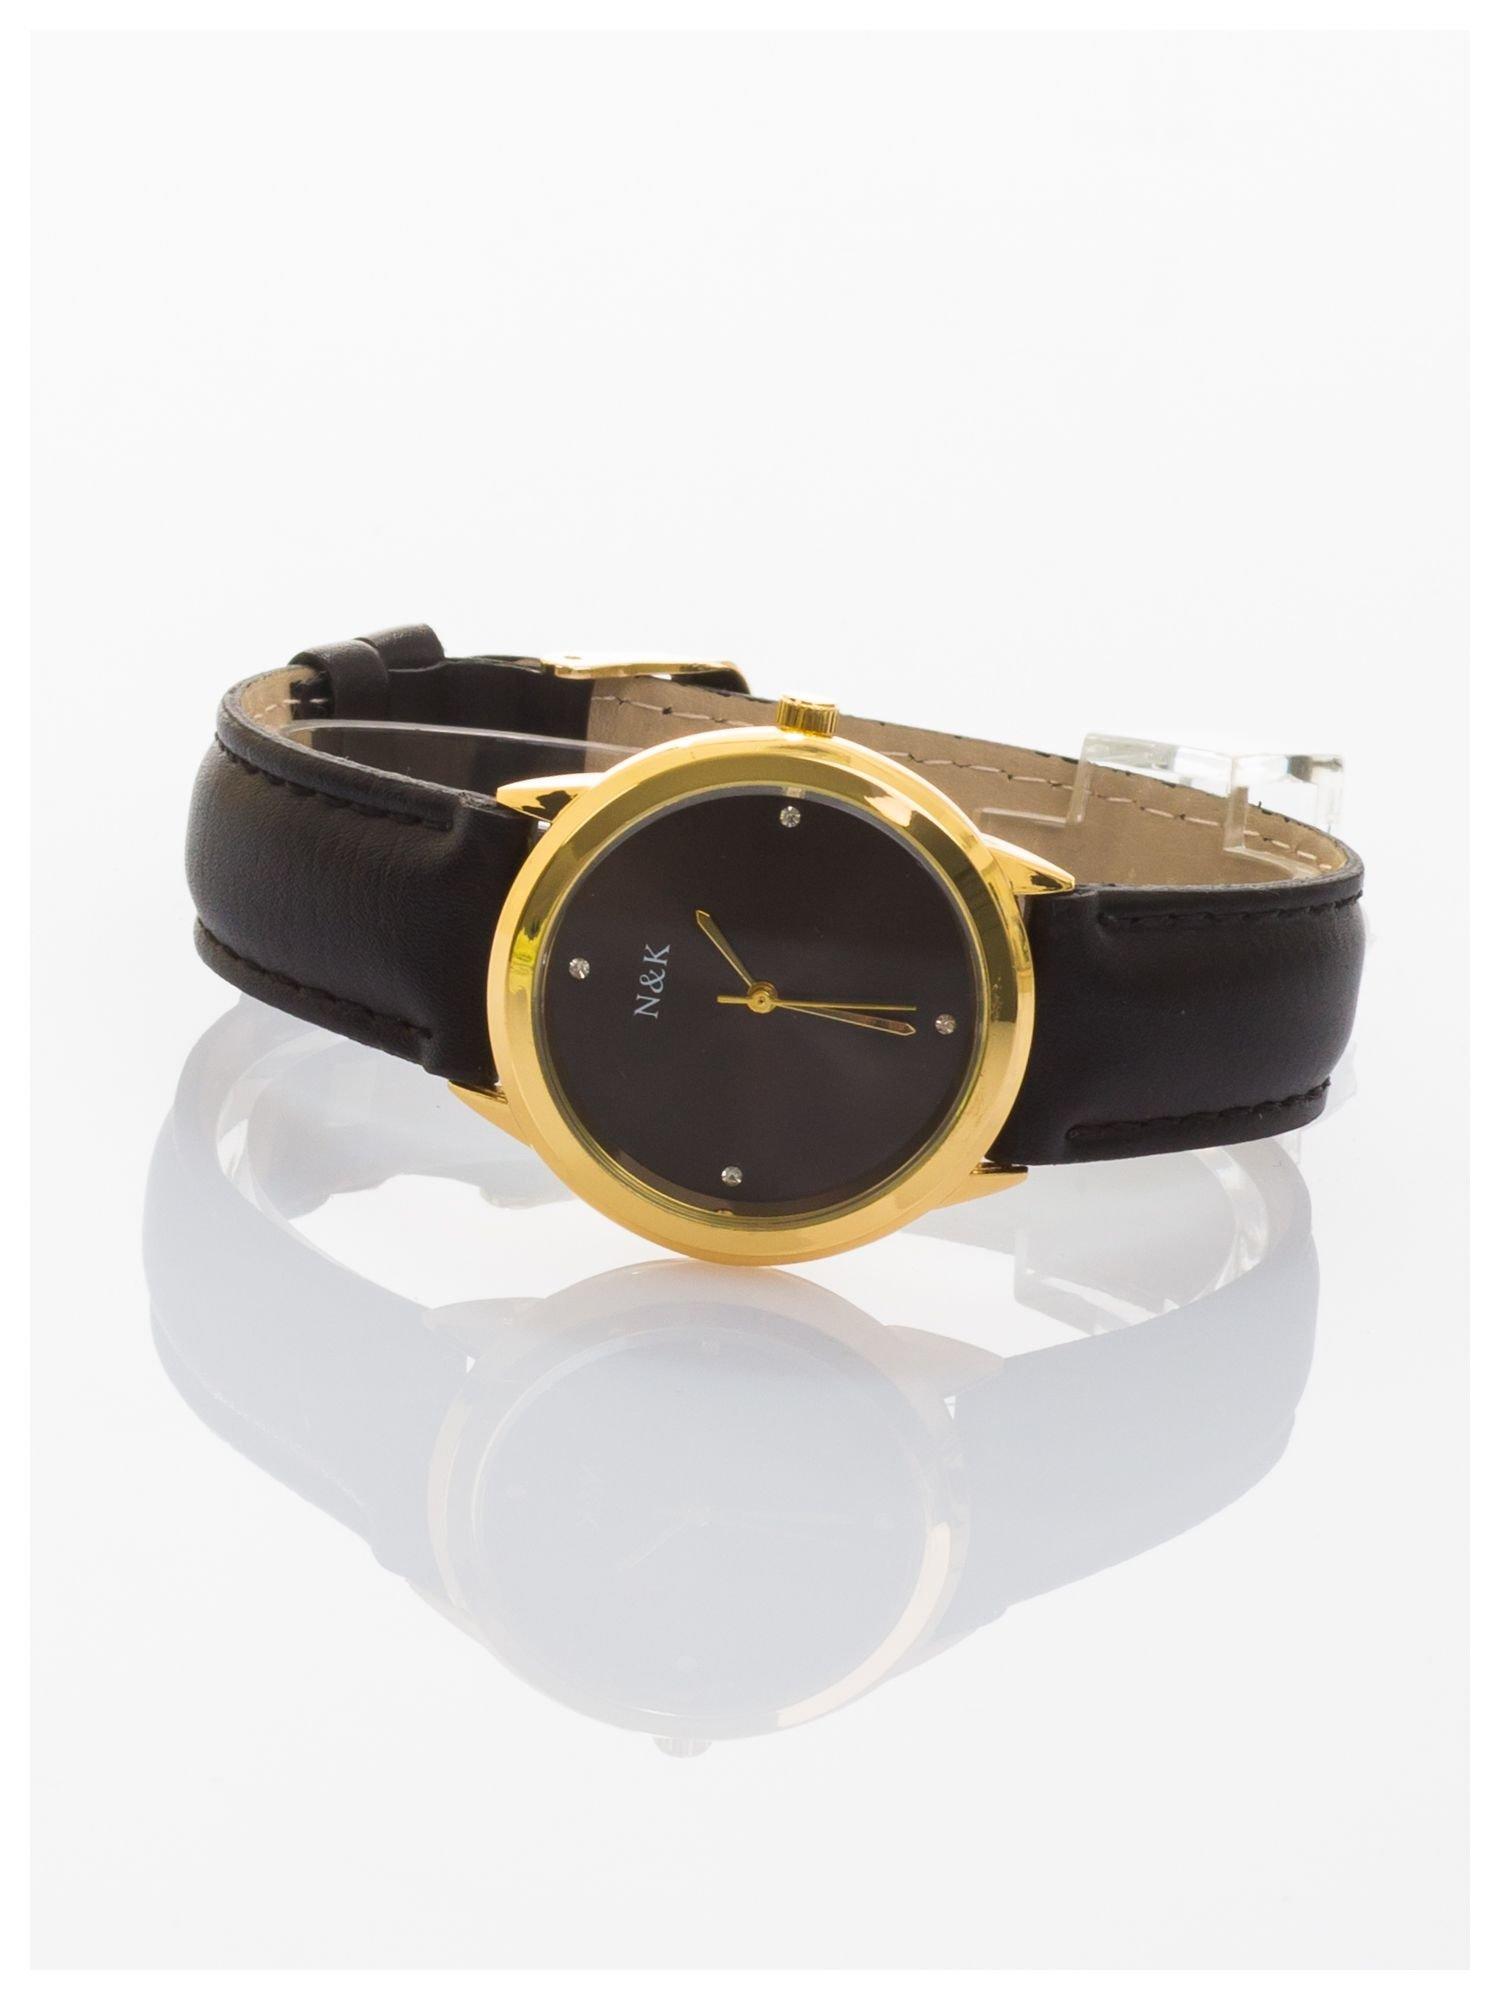 Damski zegarek z cyrkoniami. Mała, czytelna tarcza                                  zdj.                                  2